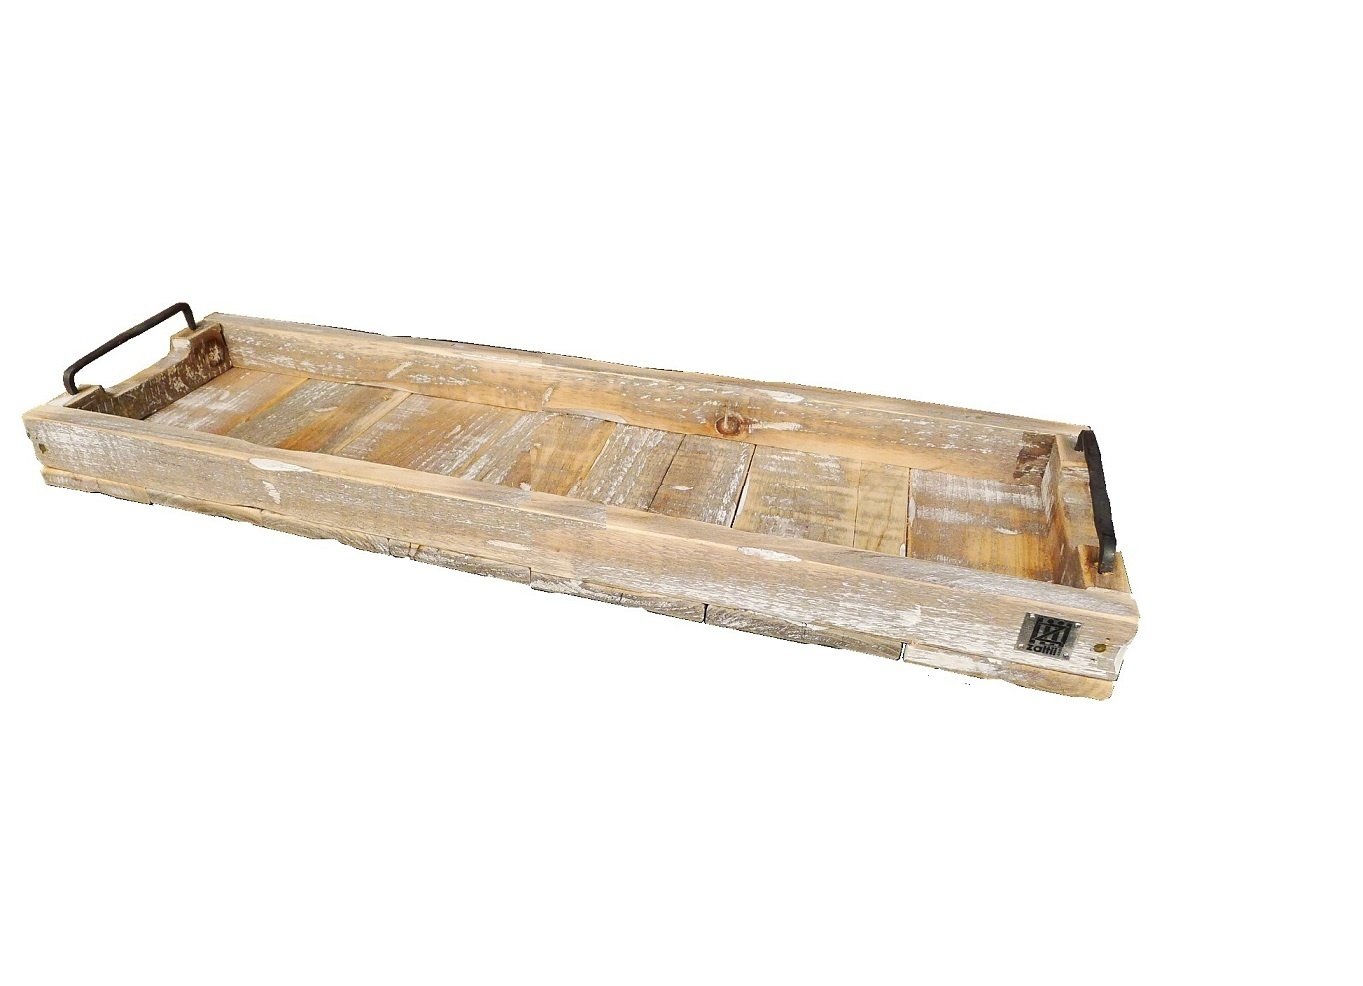 tray old dutch marianne 58/20-1